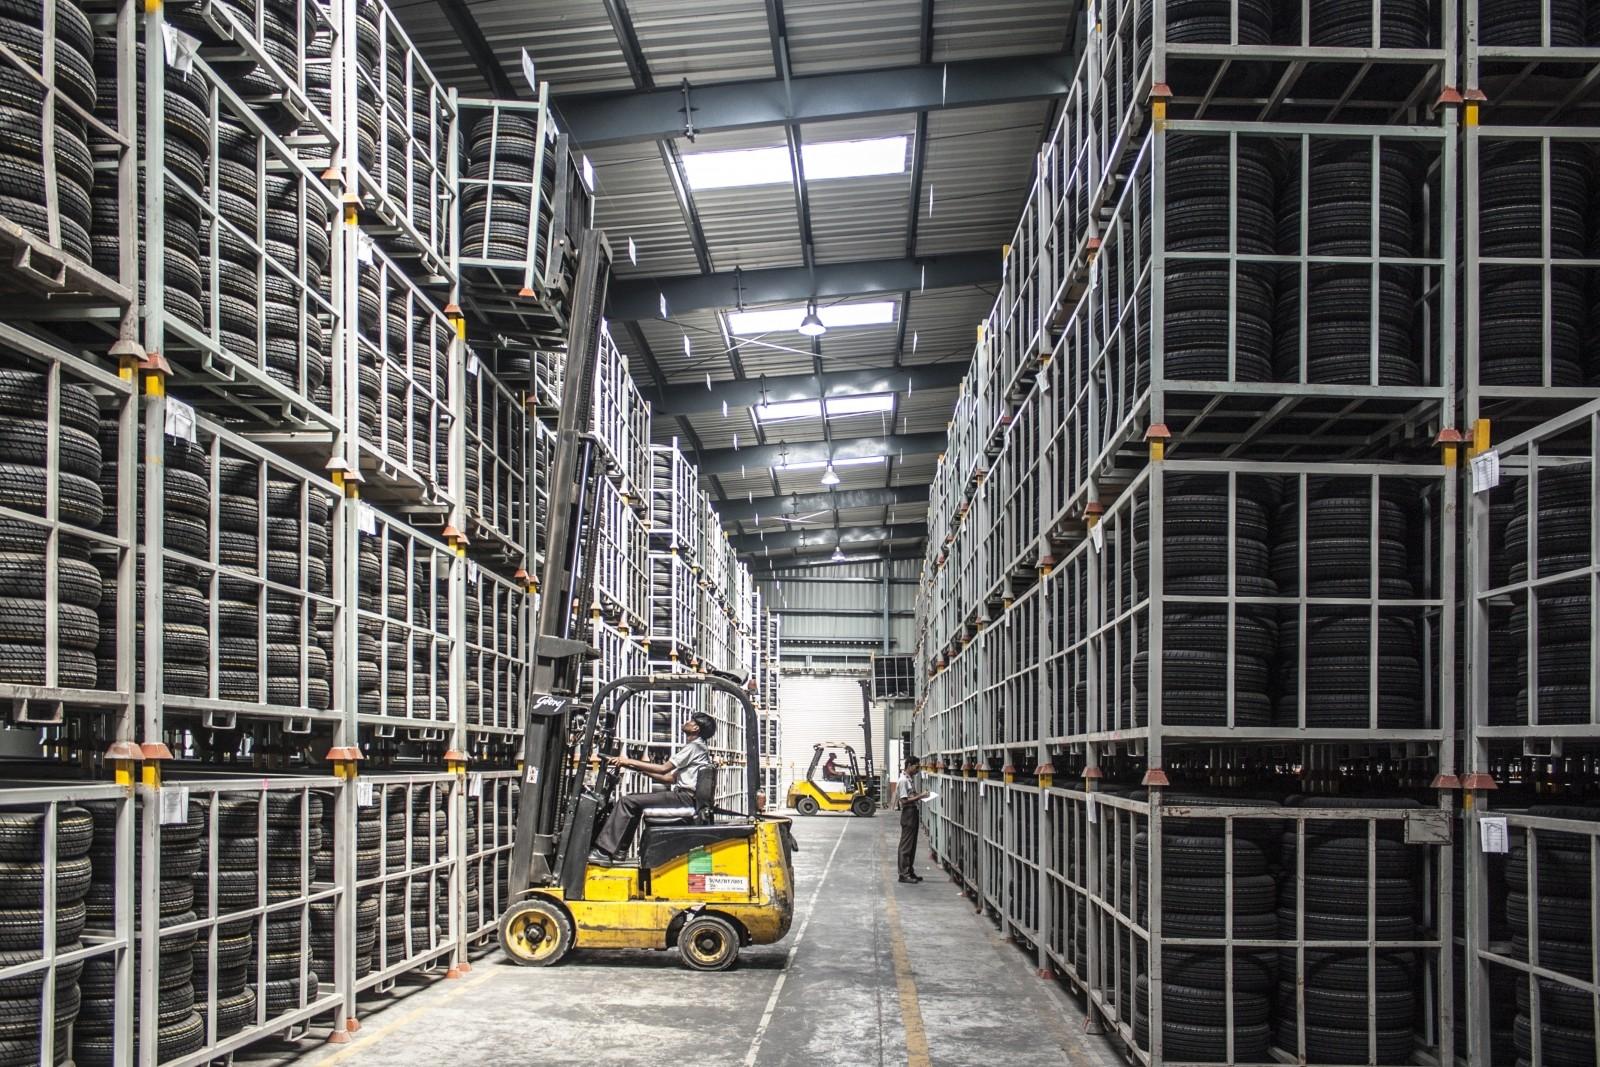 forklift-warehouse-machine-worker-industry-pallet (1)